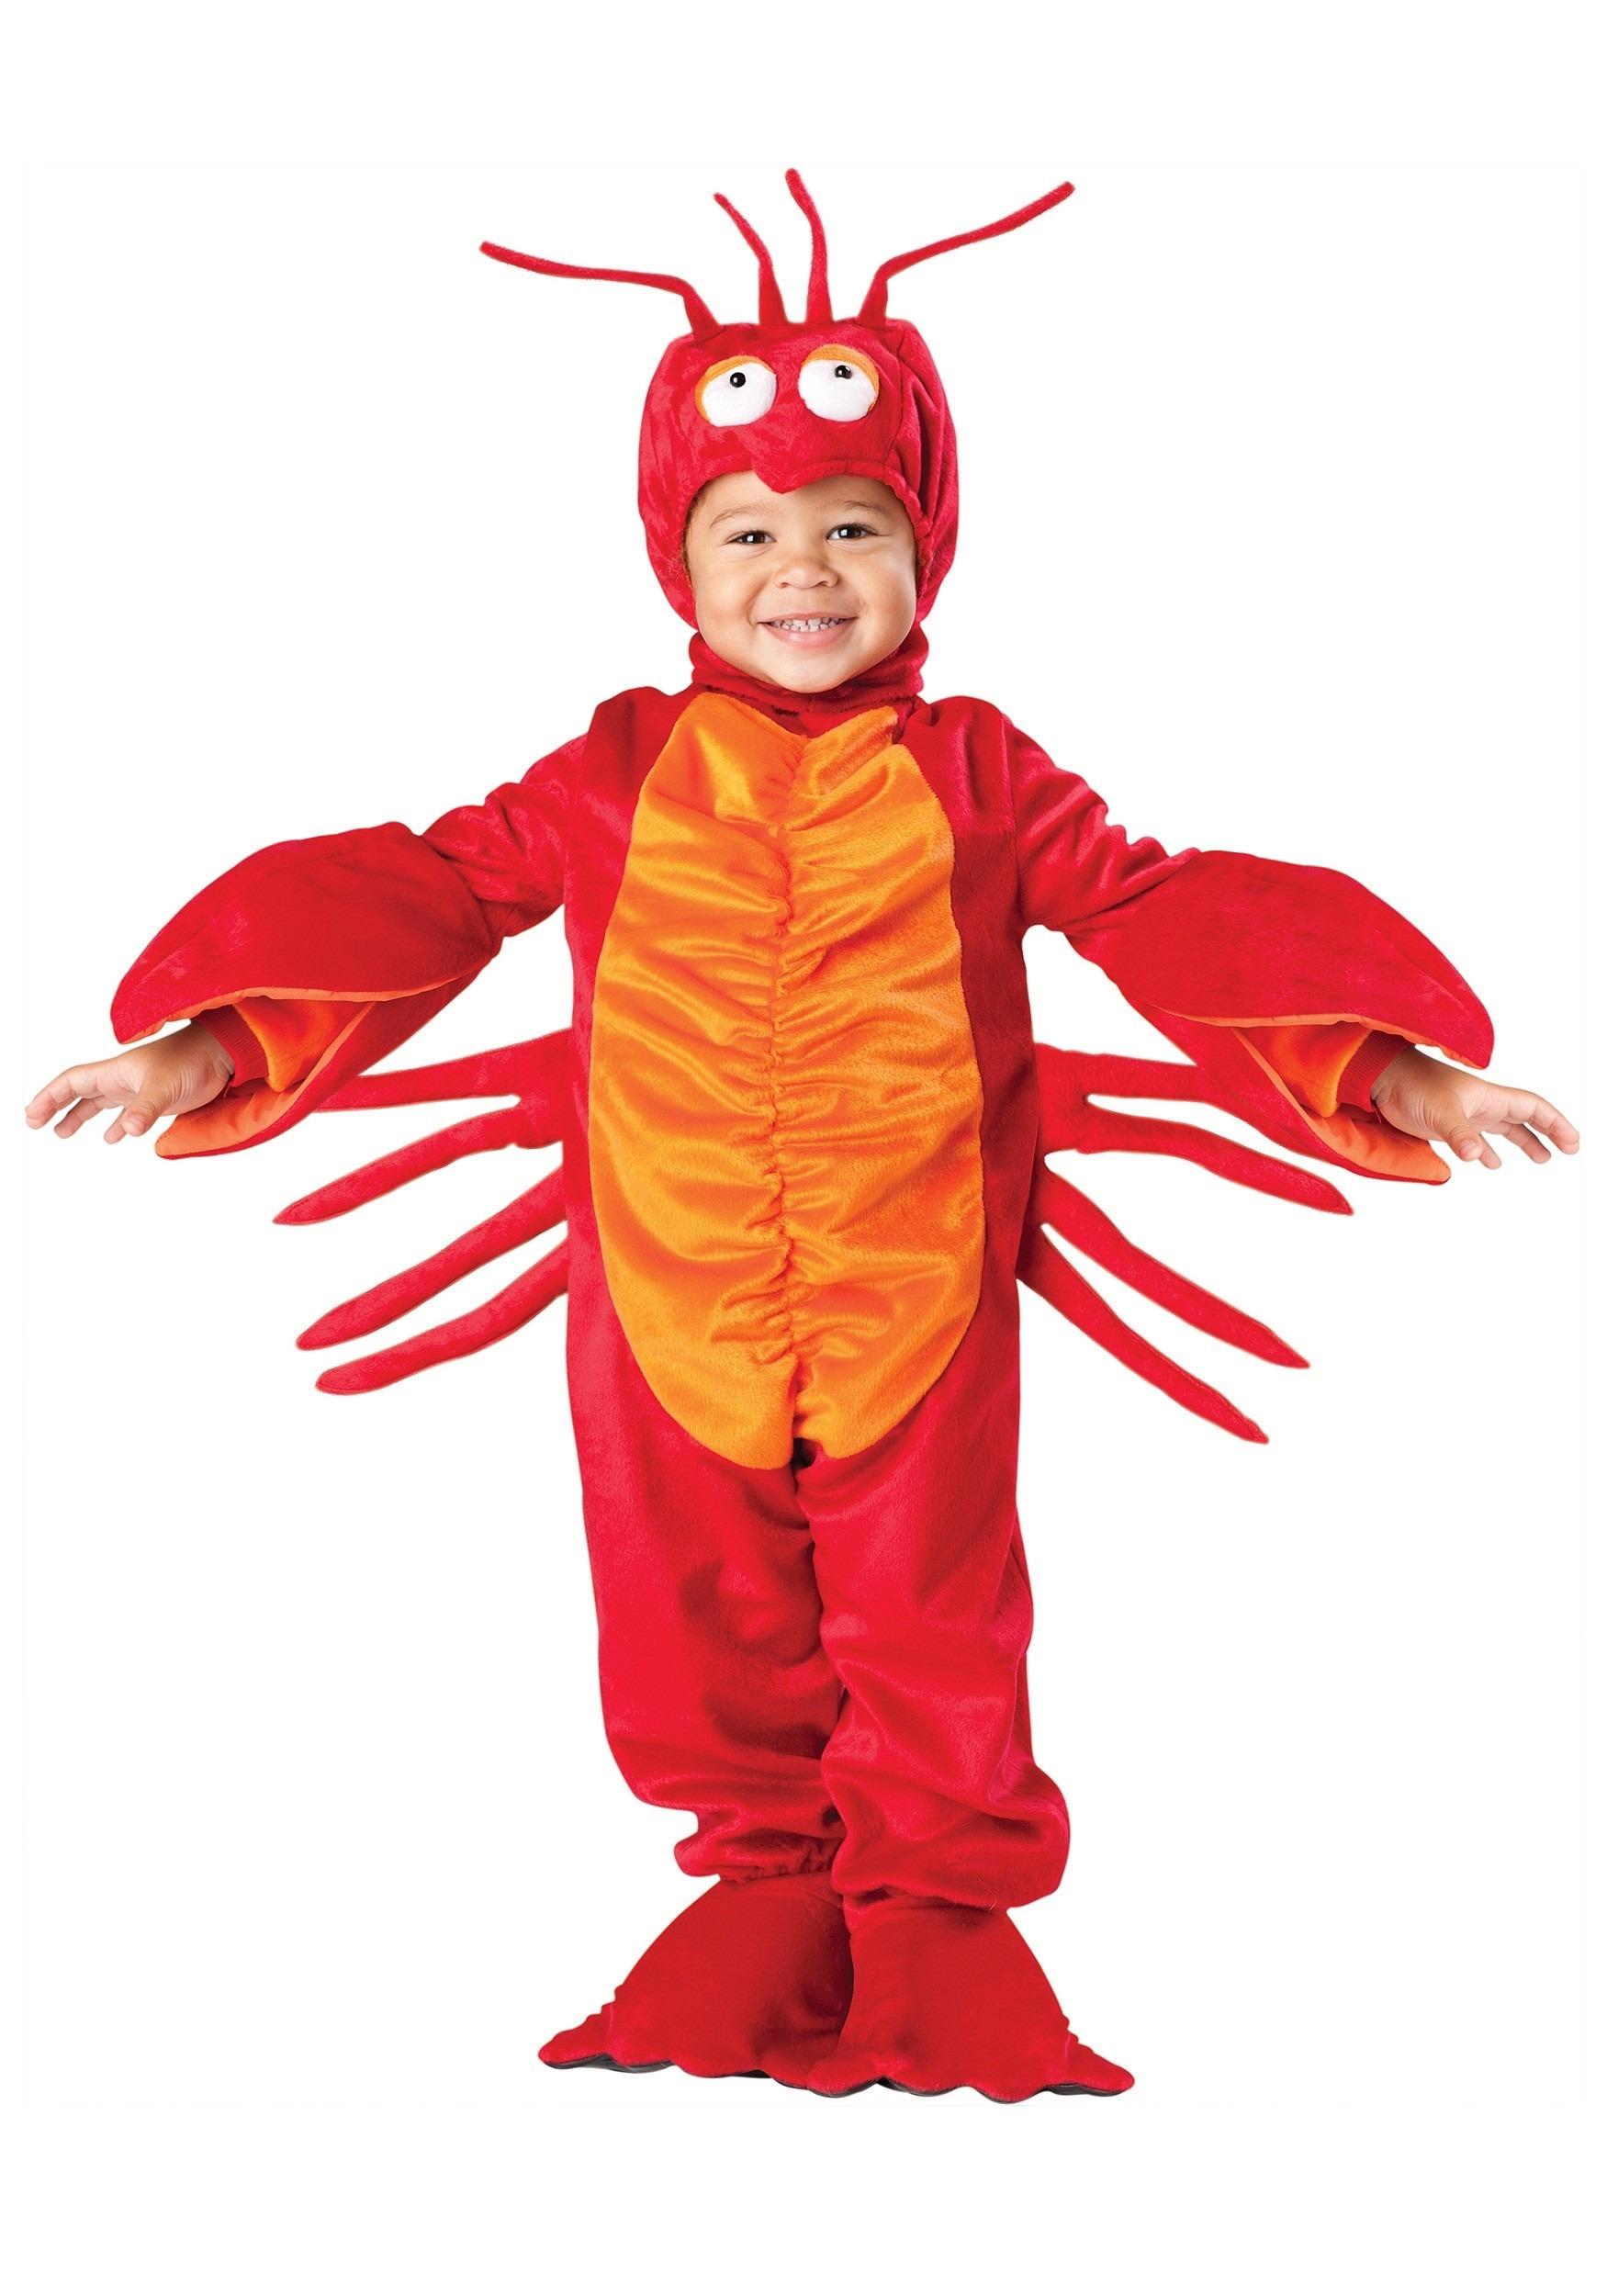 adult lobster costume jpg 1200x900